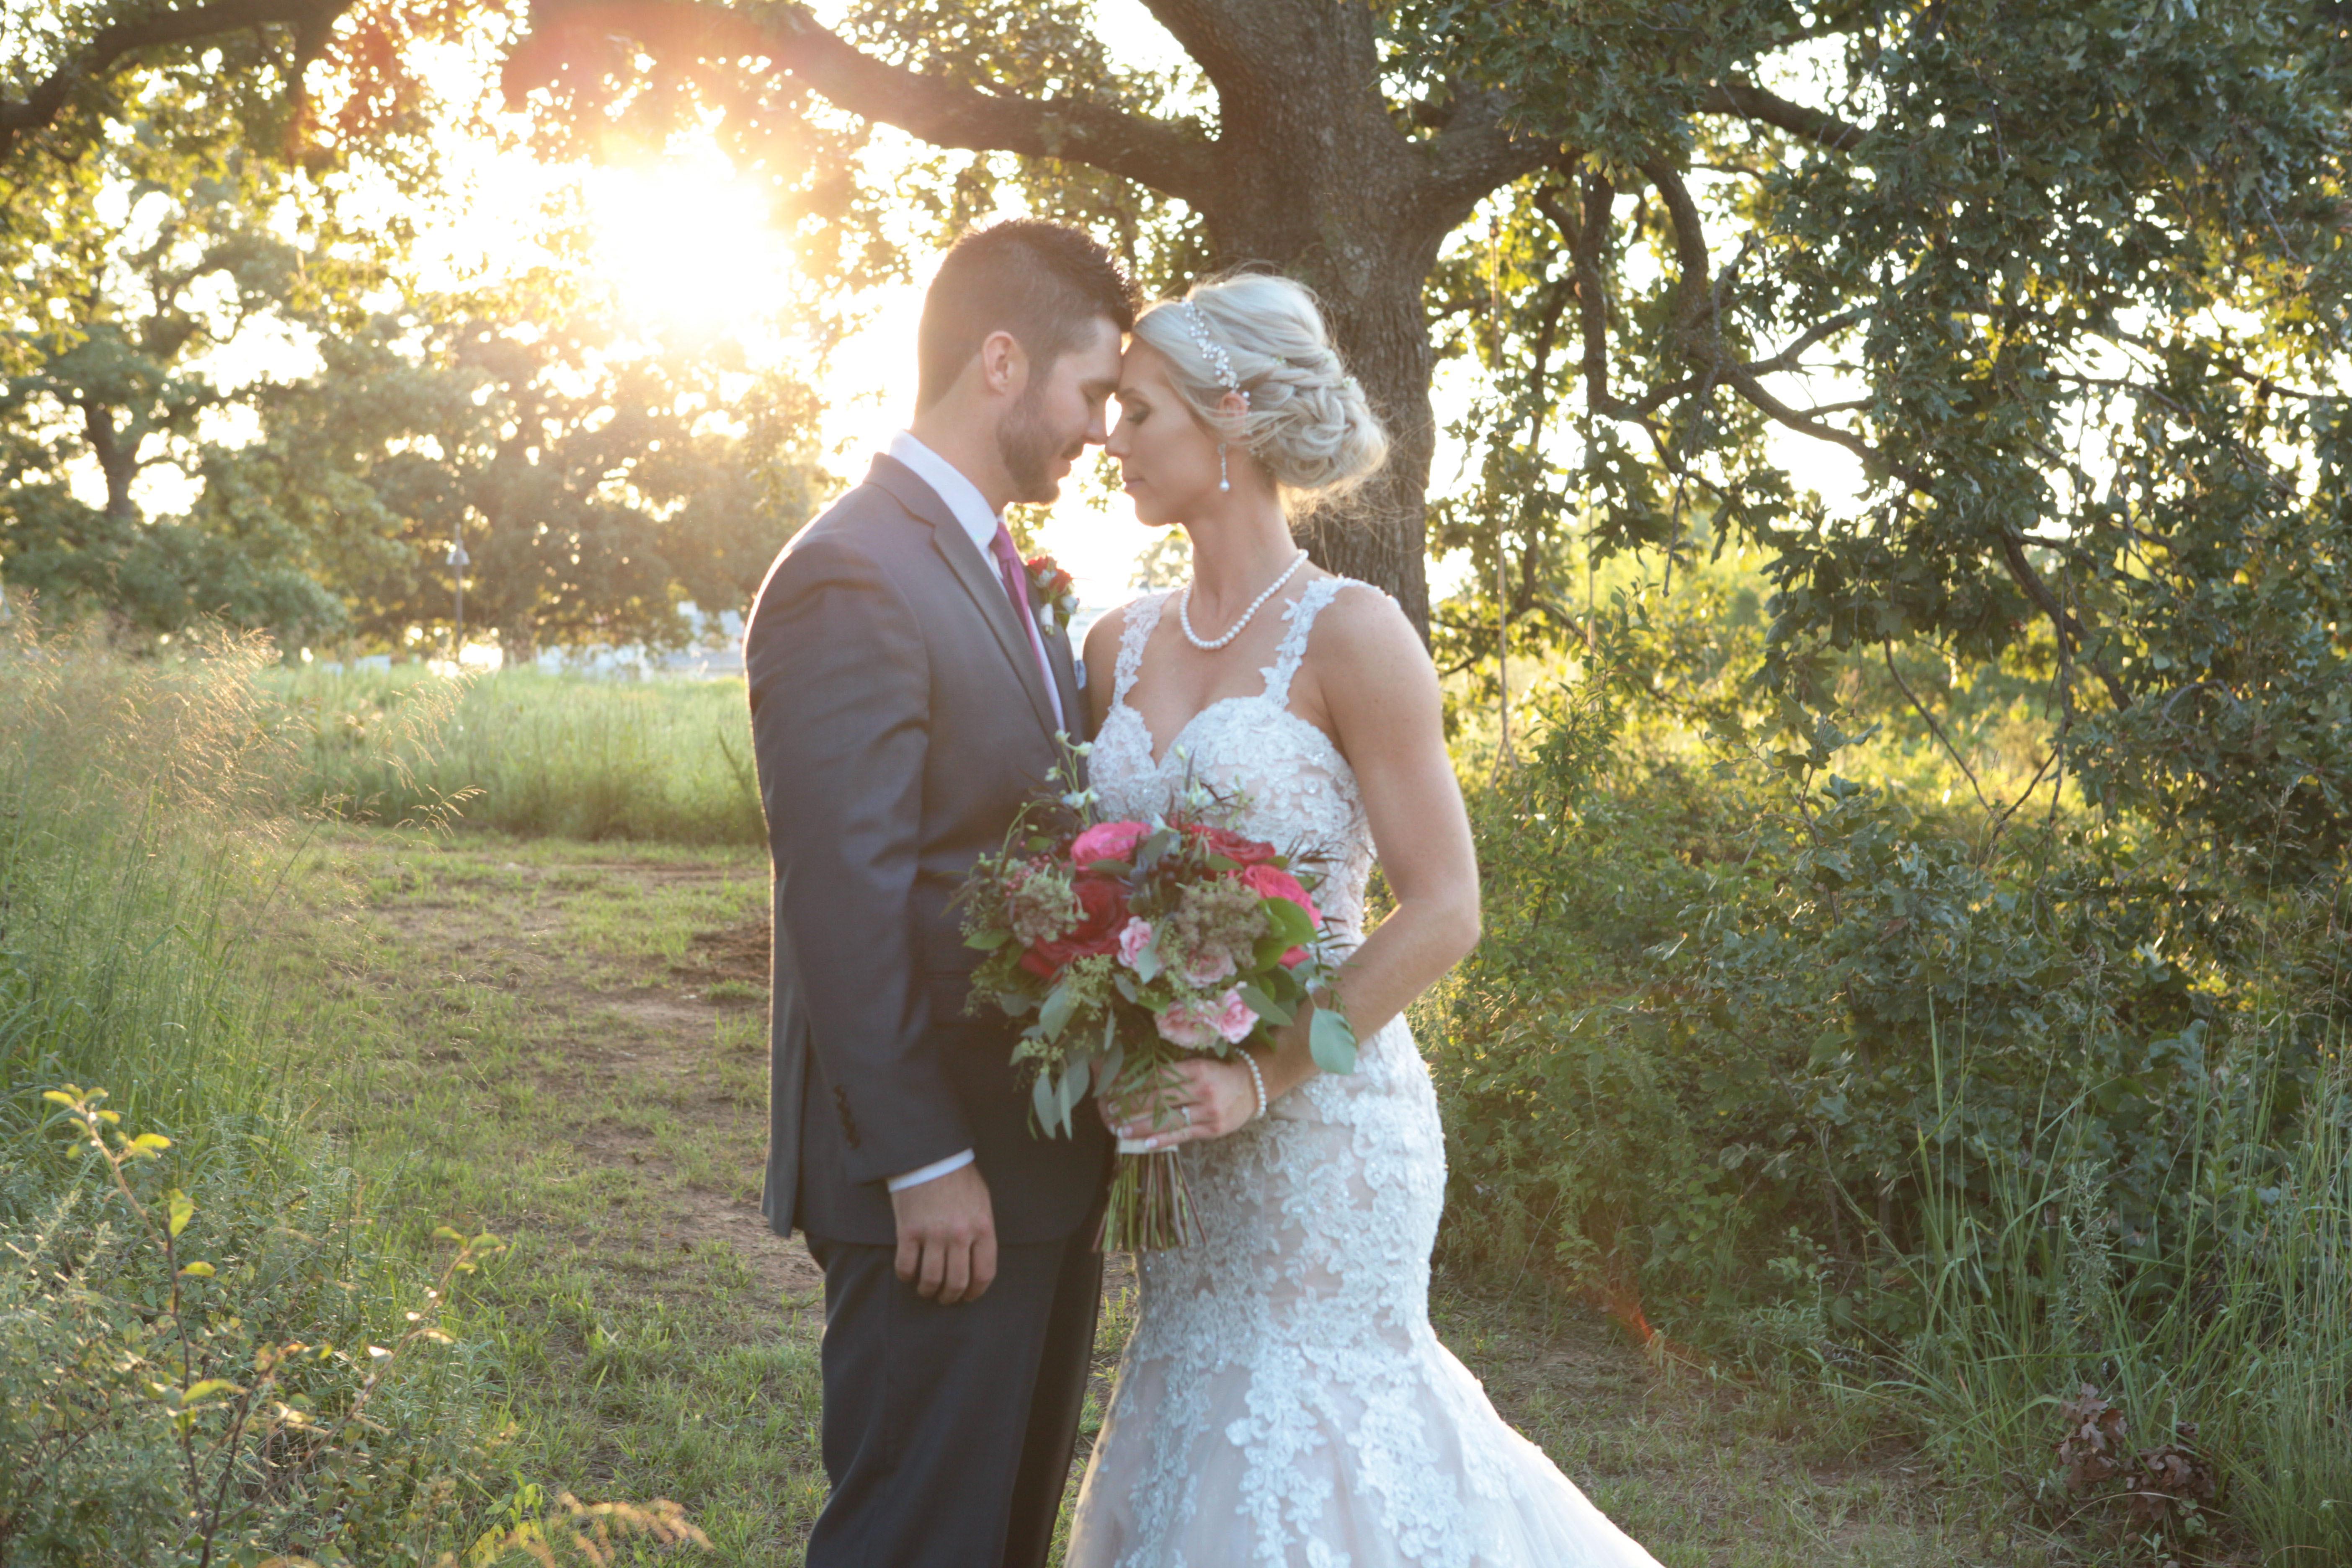 One hour wedding add on